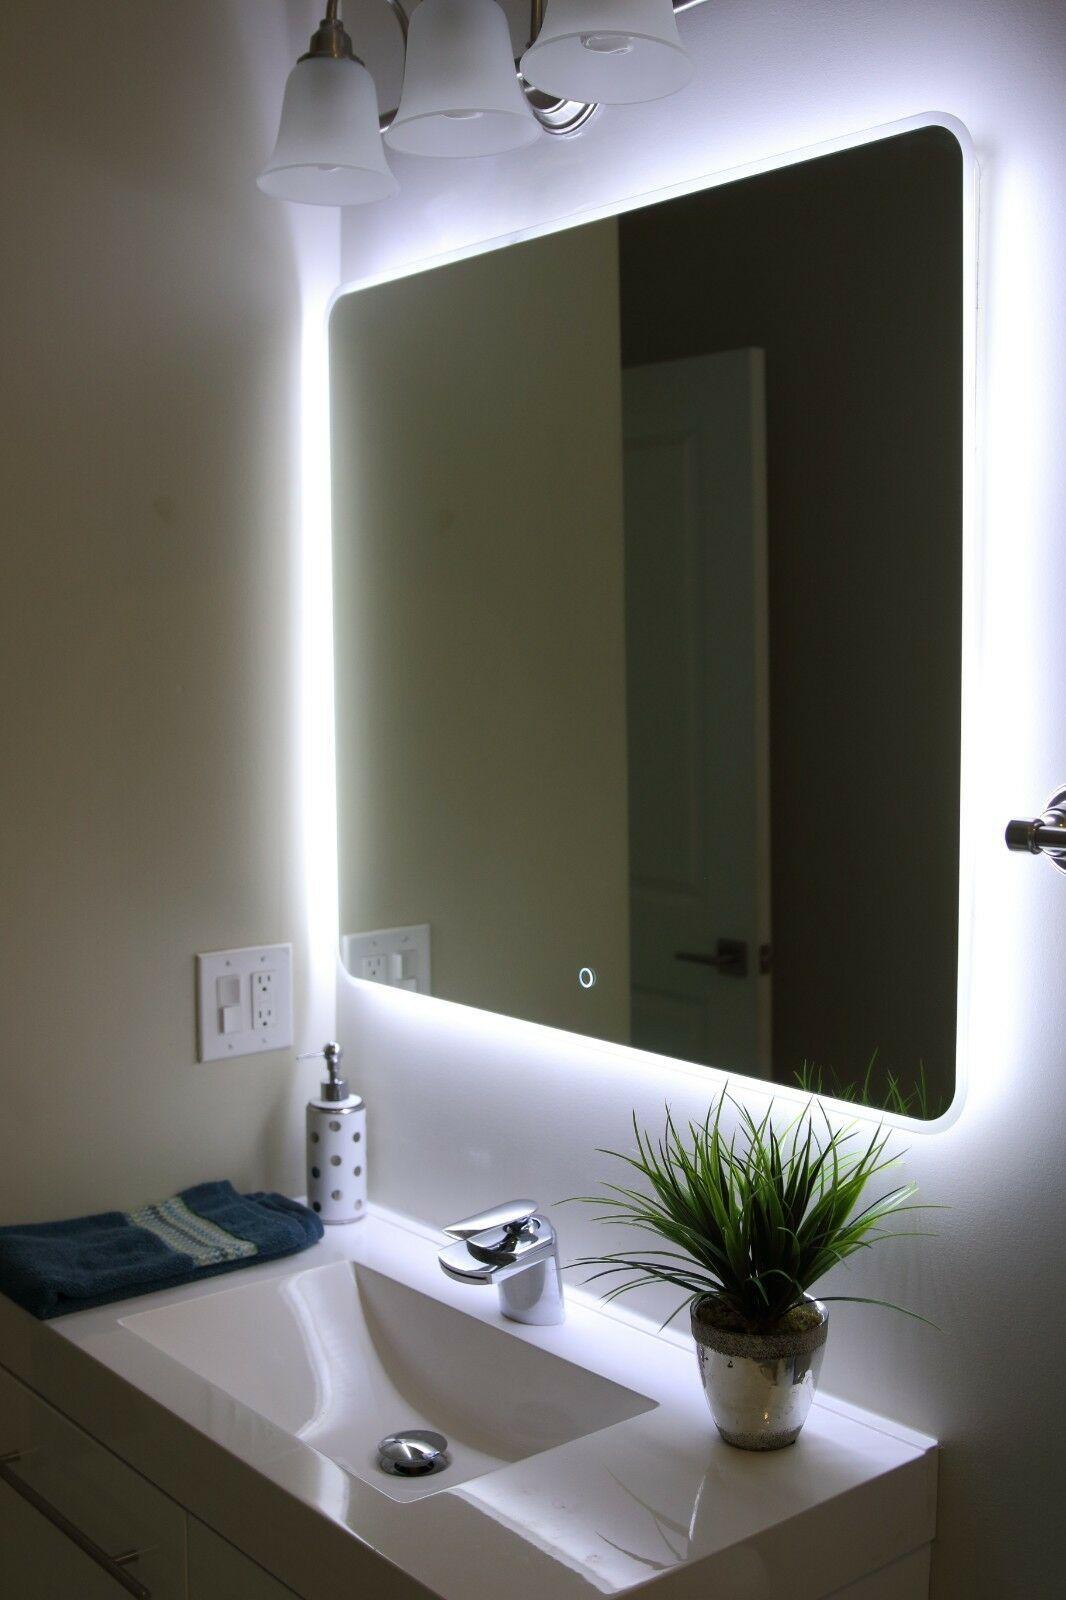 Details About Windbay 19 24 30 36 48 60 Led Bathroom